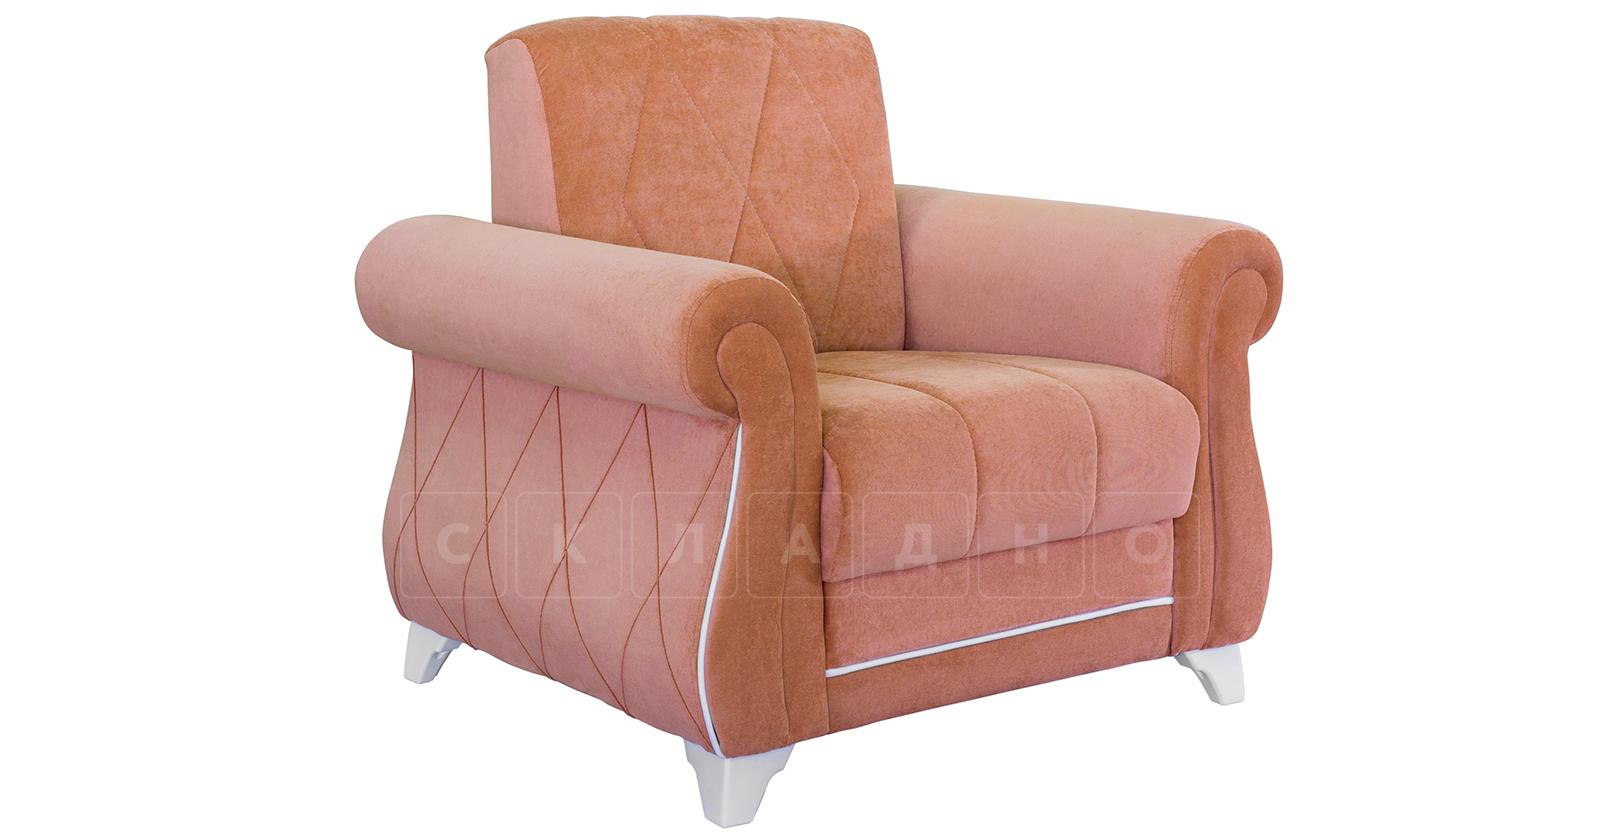 Кресло для отдыха Роза лососевый фото 1   интернет-магазин Складно